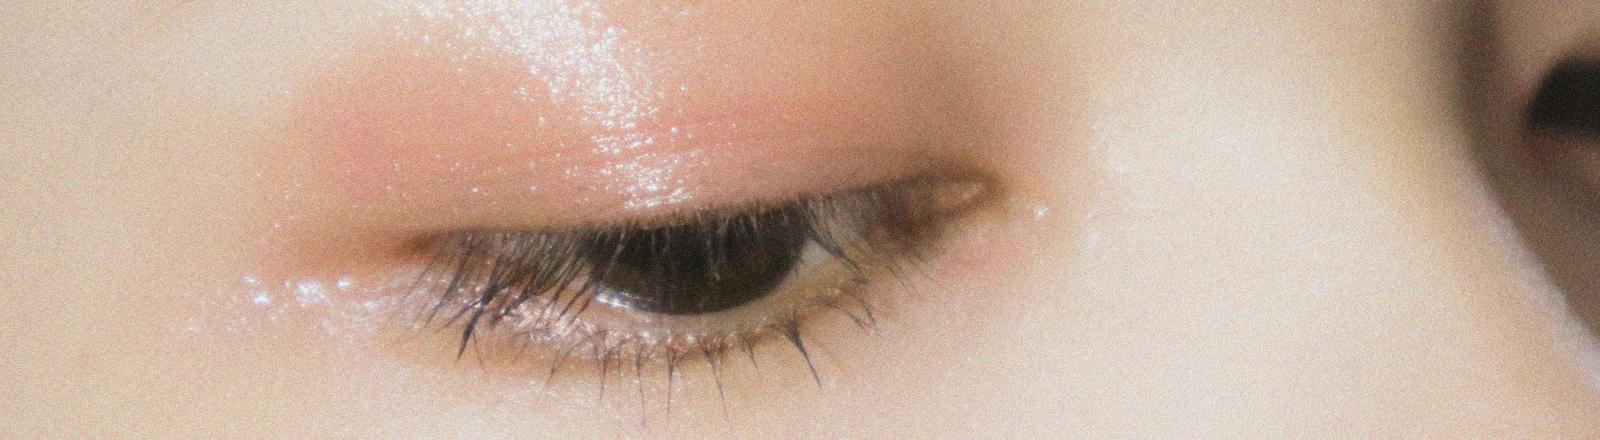 Lidschatten auf einem Augenlid.